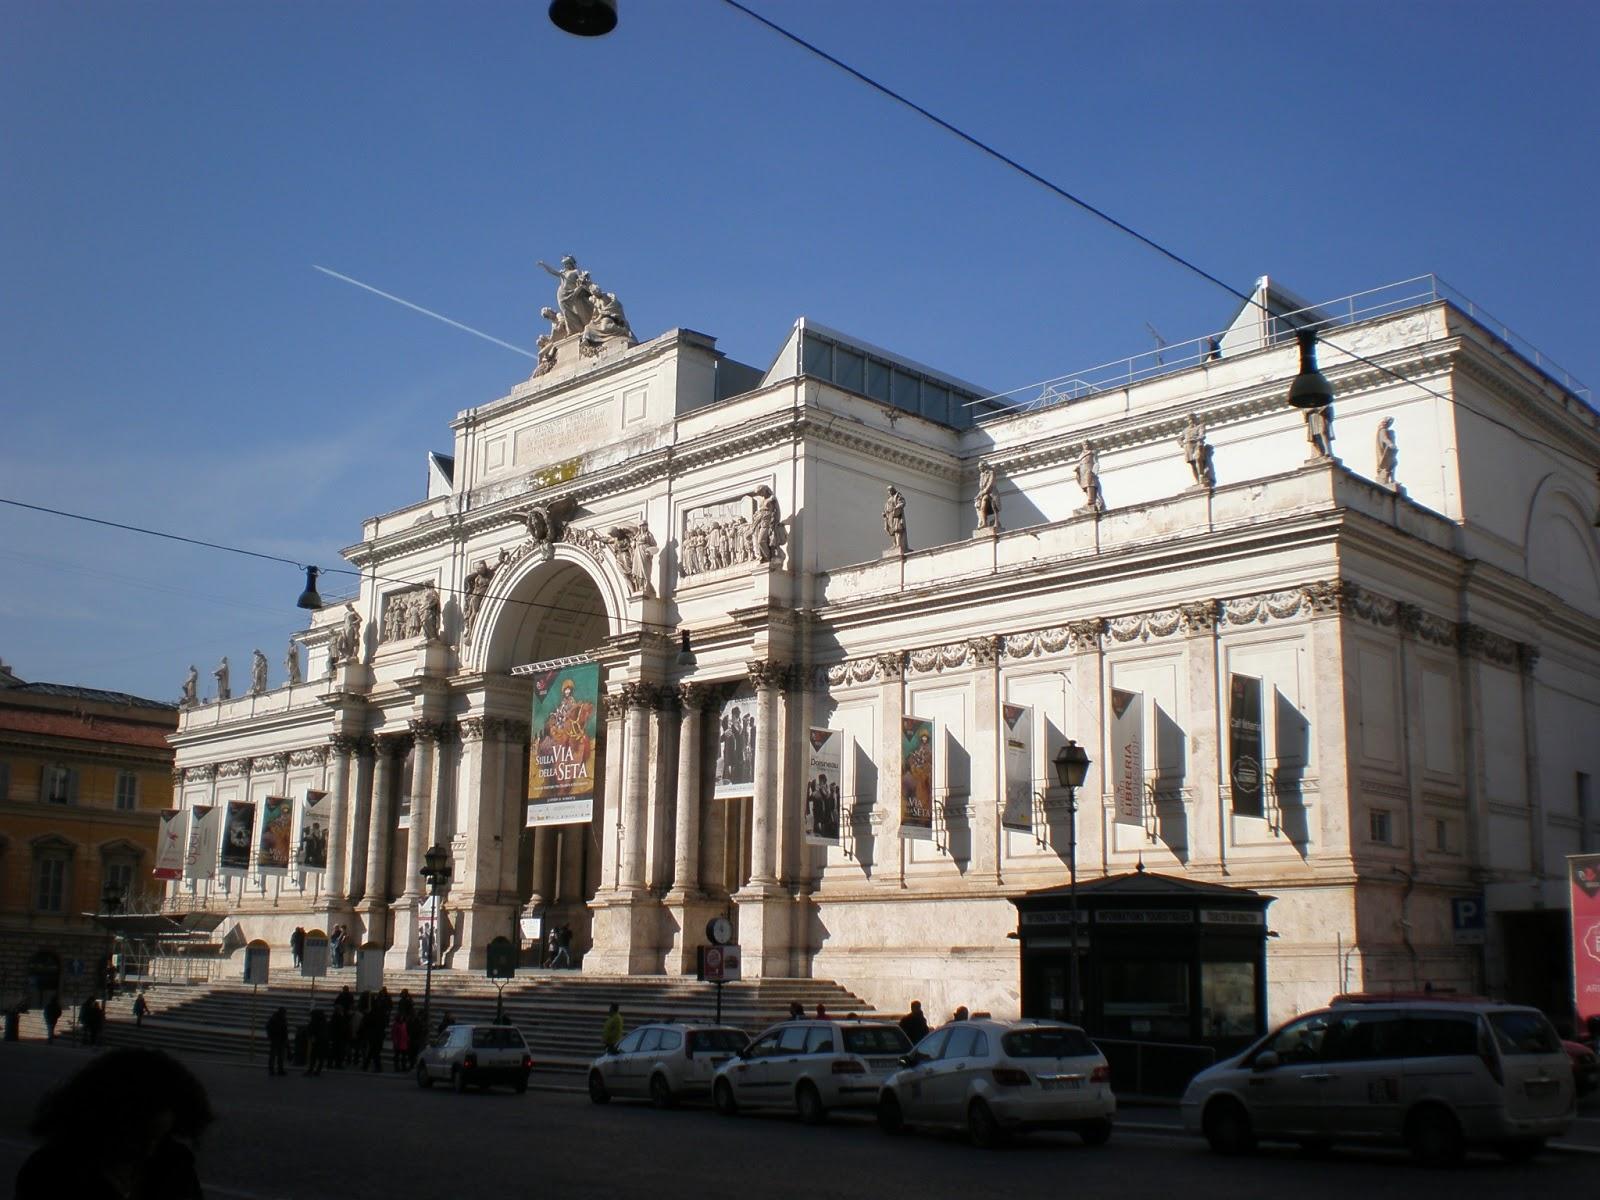 Un sardo in giro la mostra di robert doisneau a roma for Mostra palazzo delle esposizioni